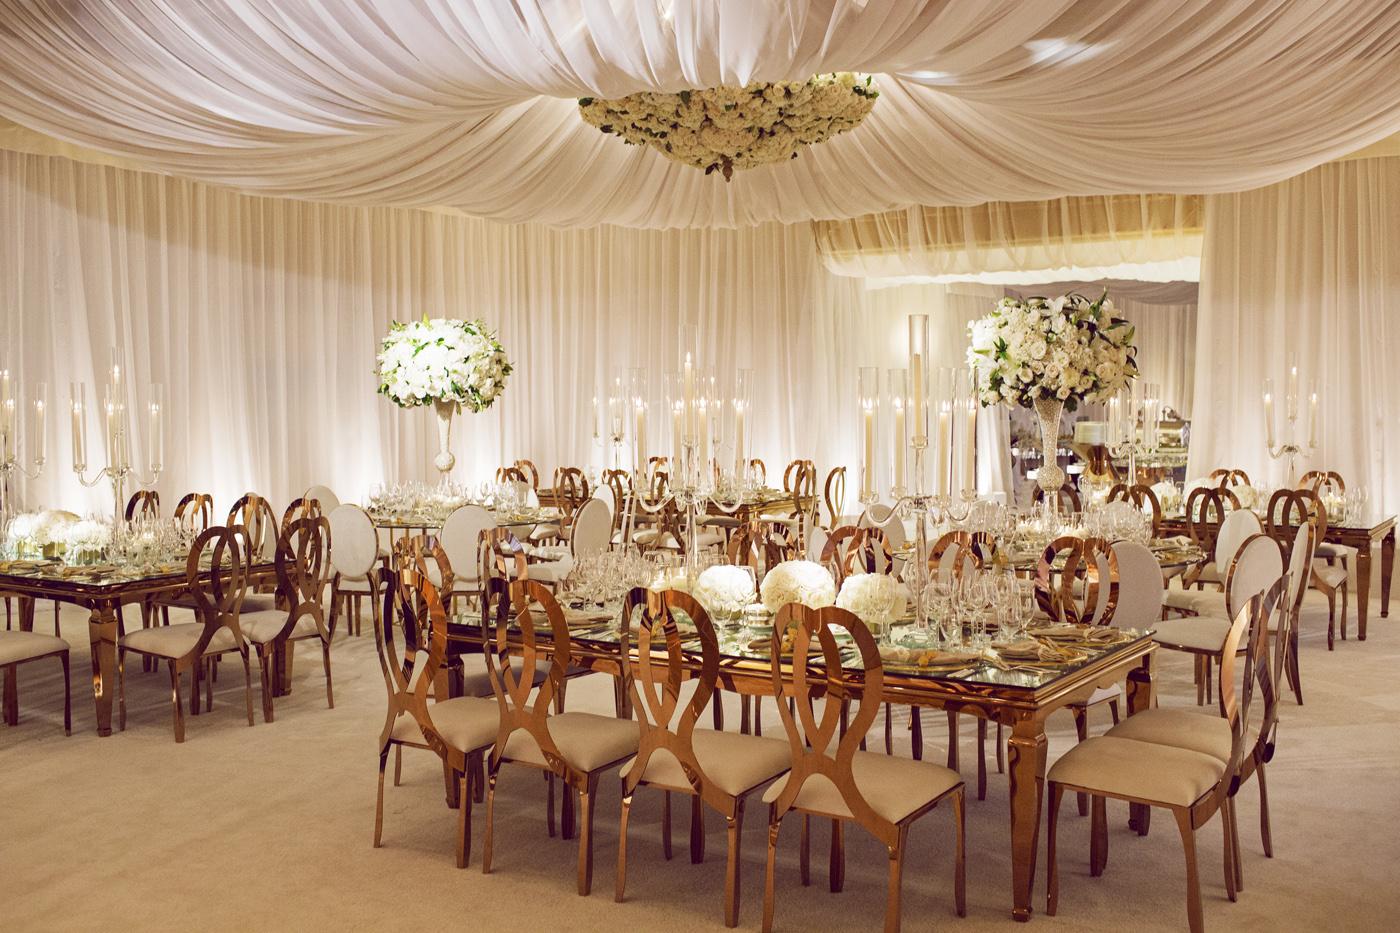 017_DukePhotography_DukeImages_Wedding_Details.jpg